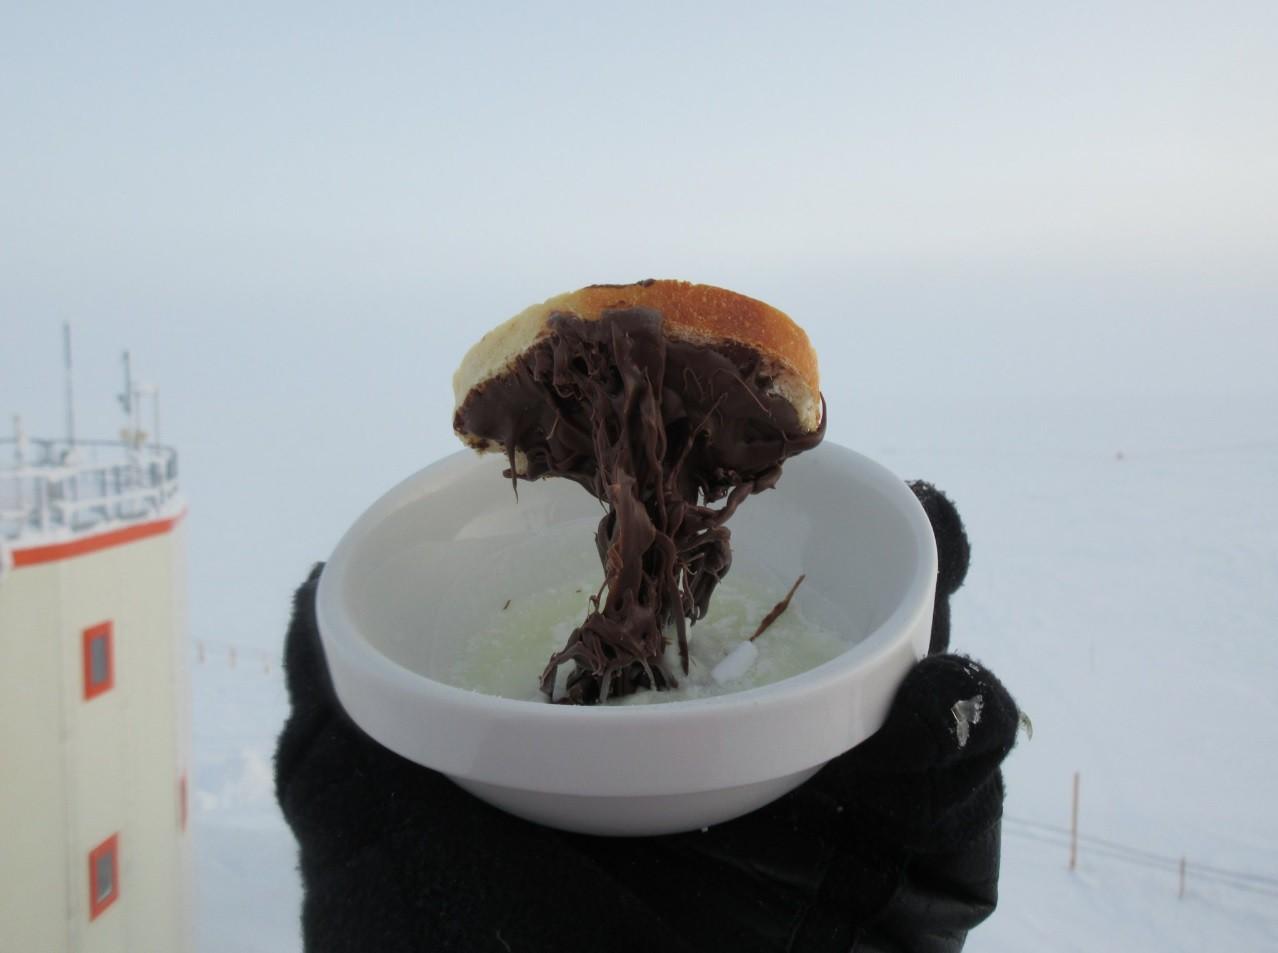 Điều gì sẽ xảy ra khi bạn nấu ăn ở Nam Cực với nhiệt độ ngoài trời là -70 độ C? - Ảnh 1.